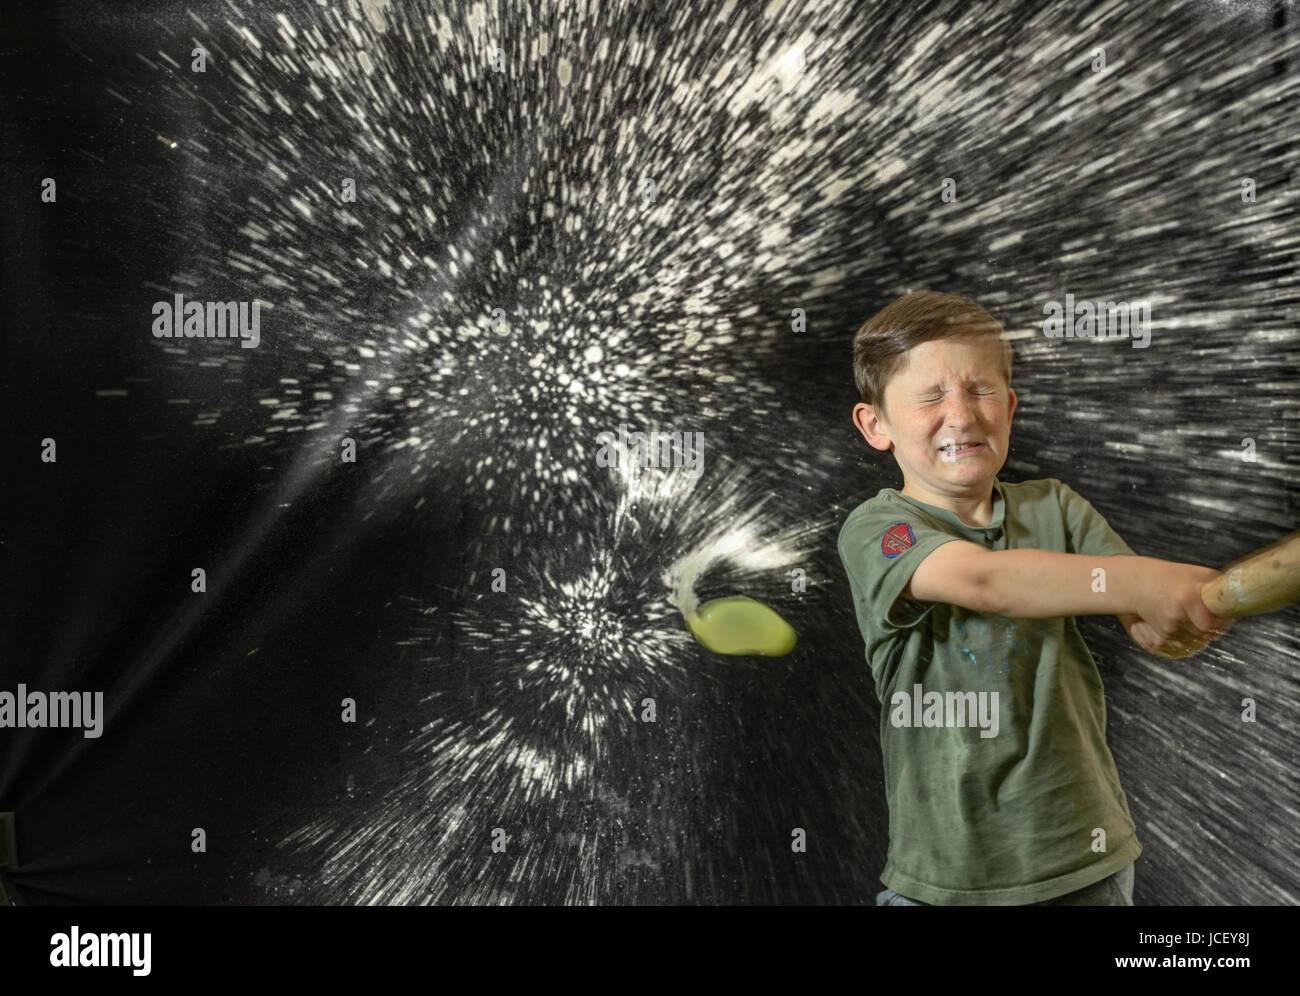 Jeune garçon, les yeux fermés, et avec un regard de détermination sur son visage, touchera un ballon Photo Stock